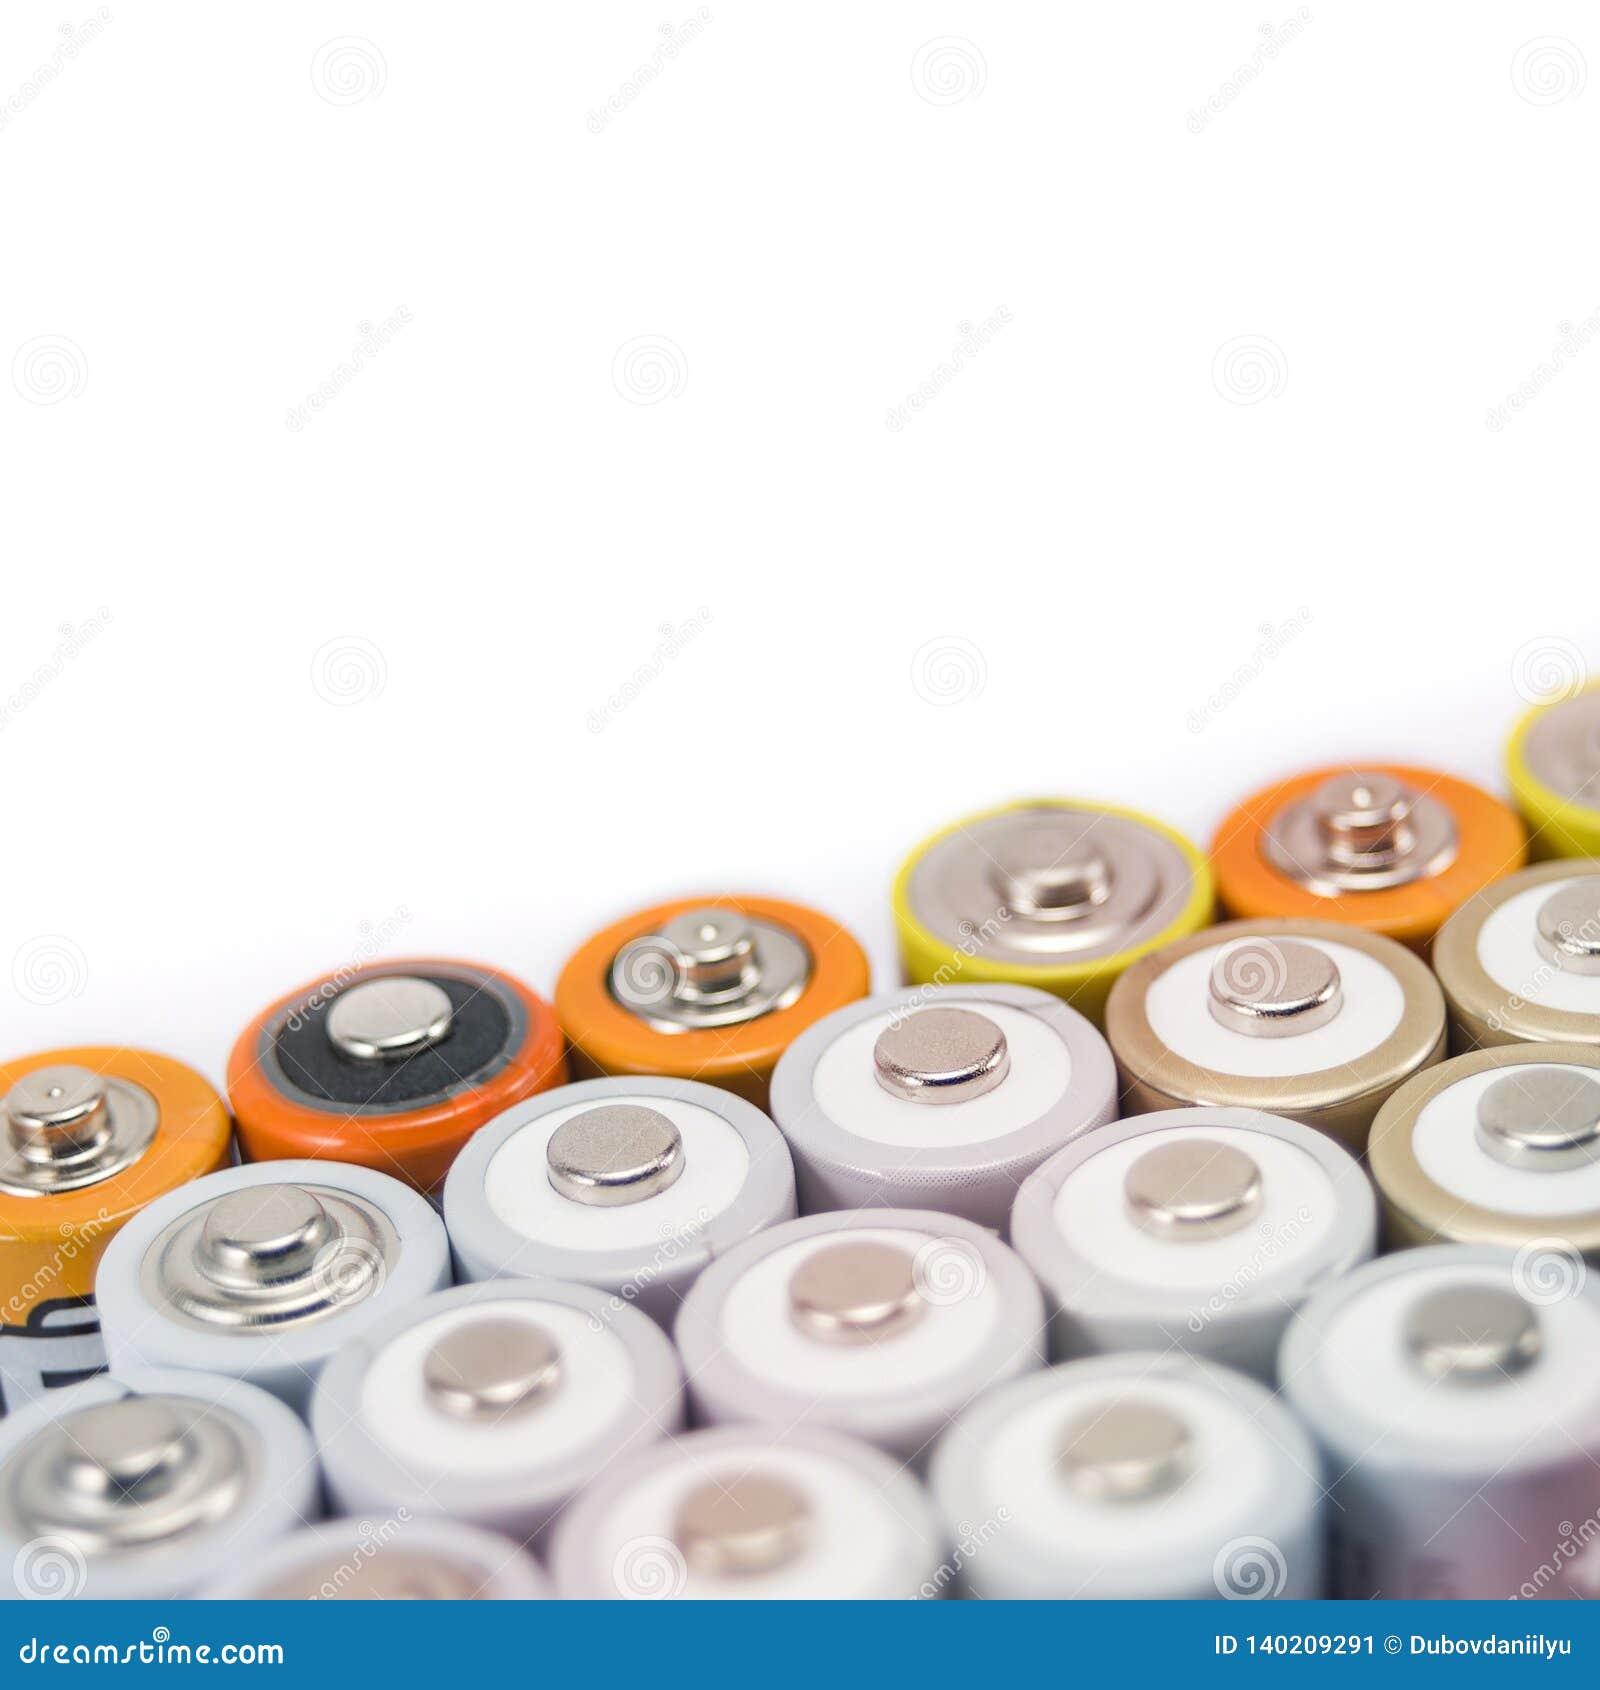 Batteries multi-colored metal